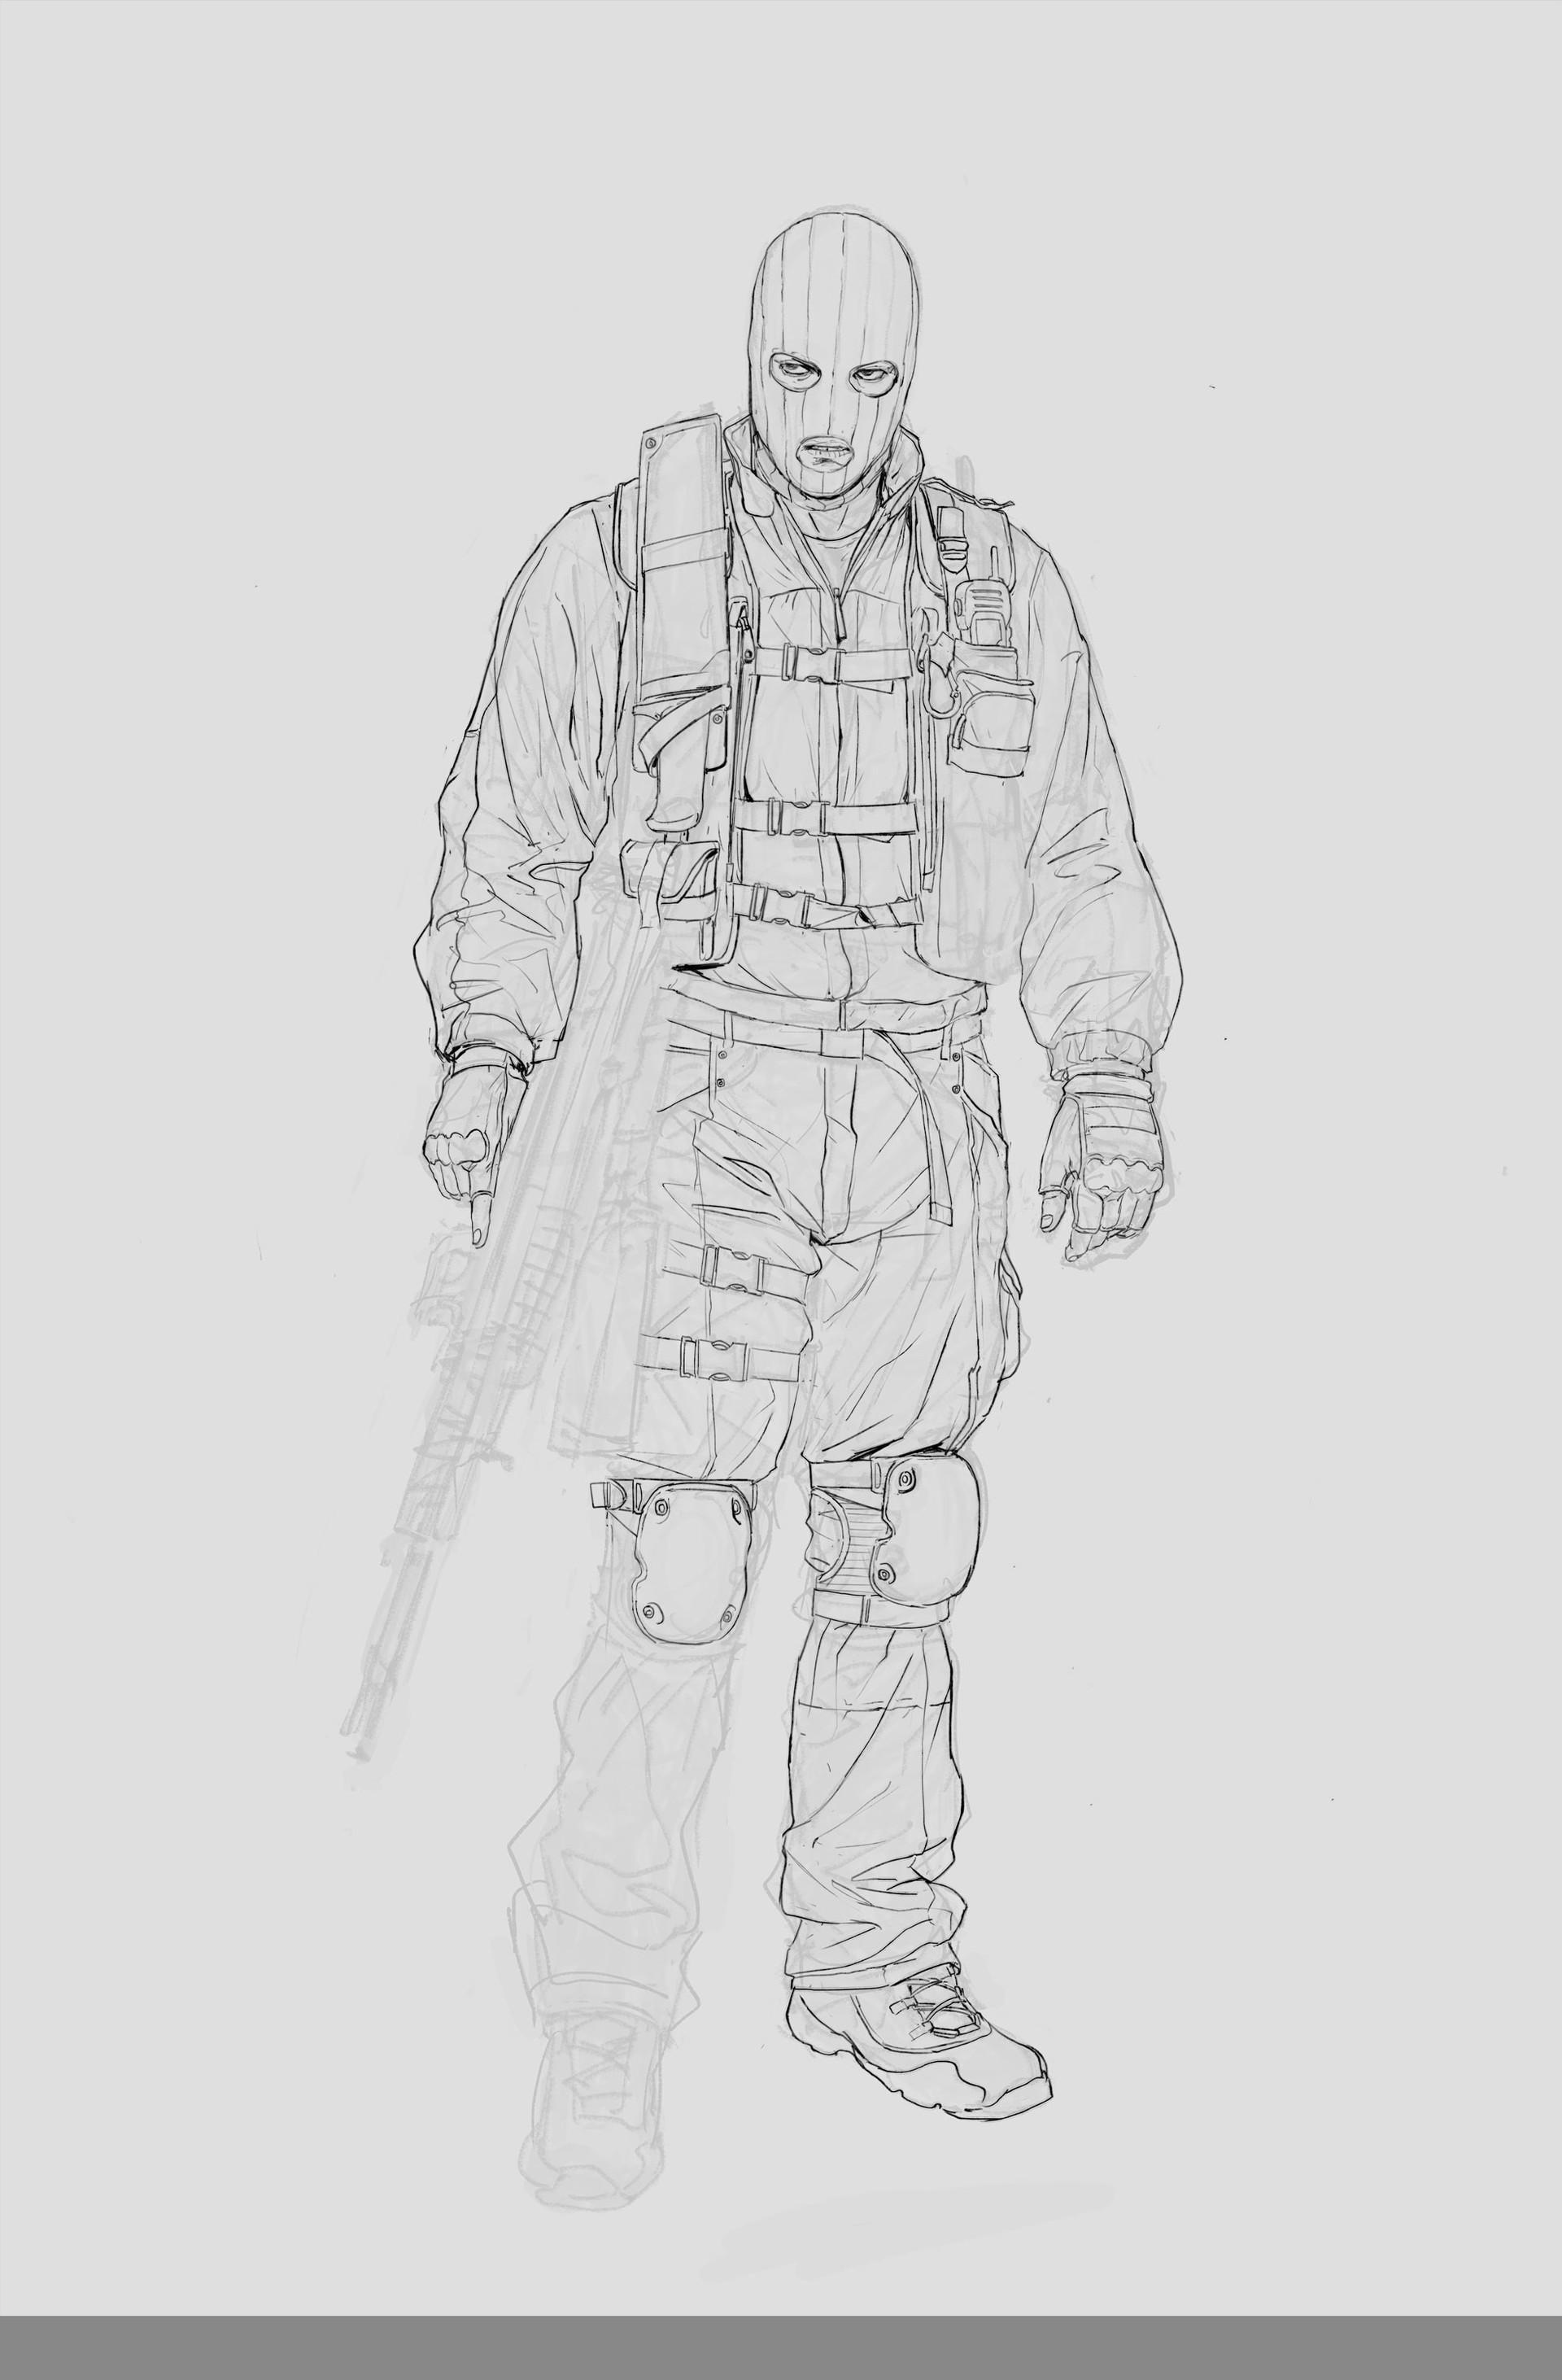 Ville valtteri kinnunen sketch3